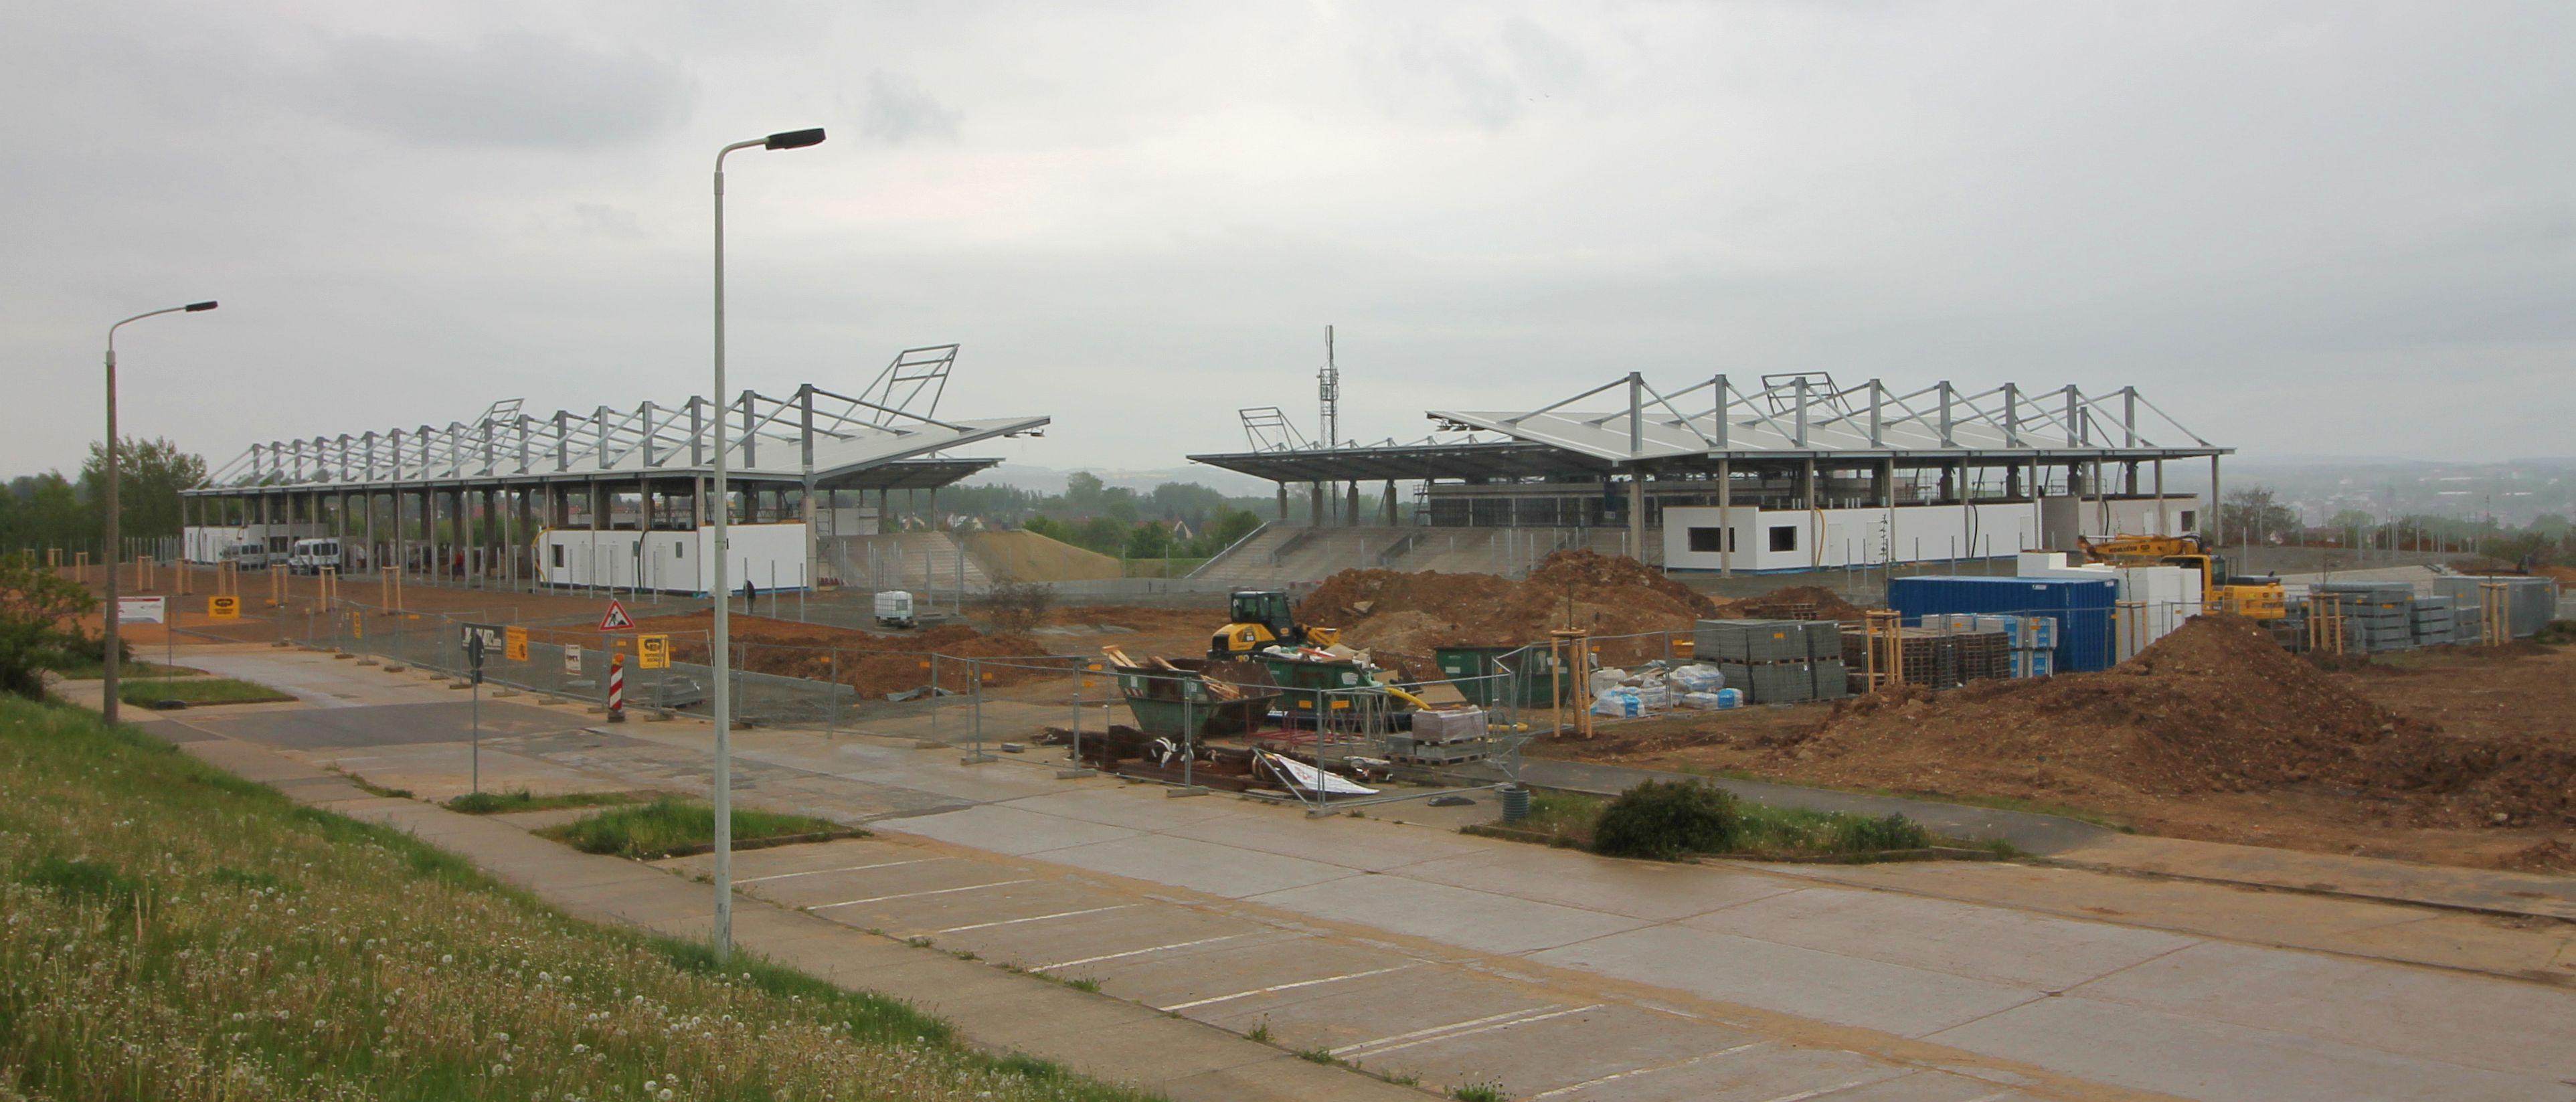 Das Stadion während der Bauphase (Mai 2016)